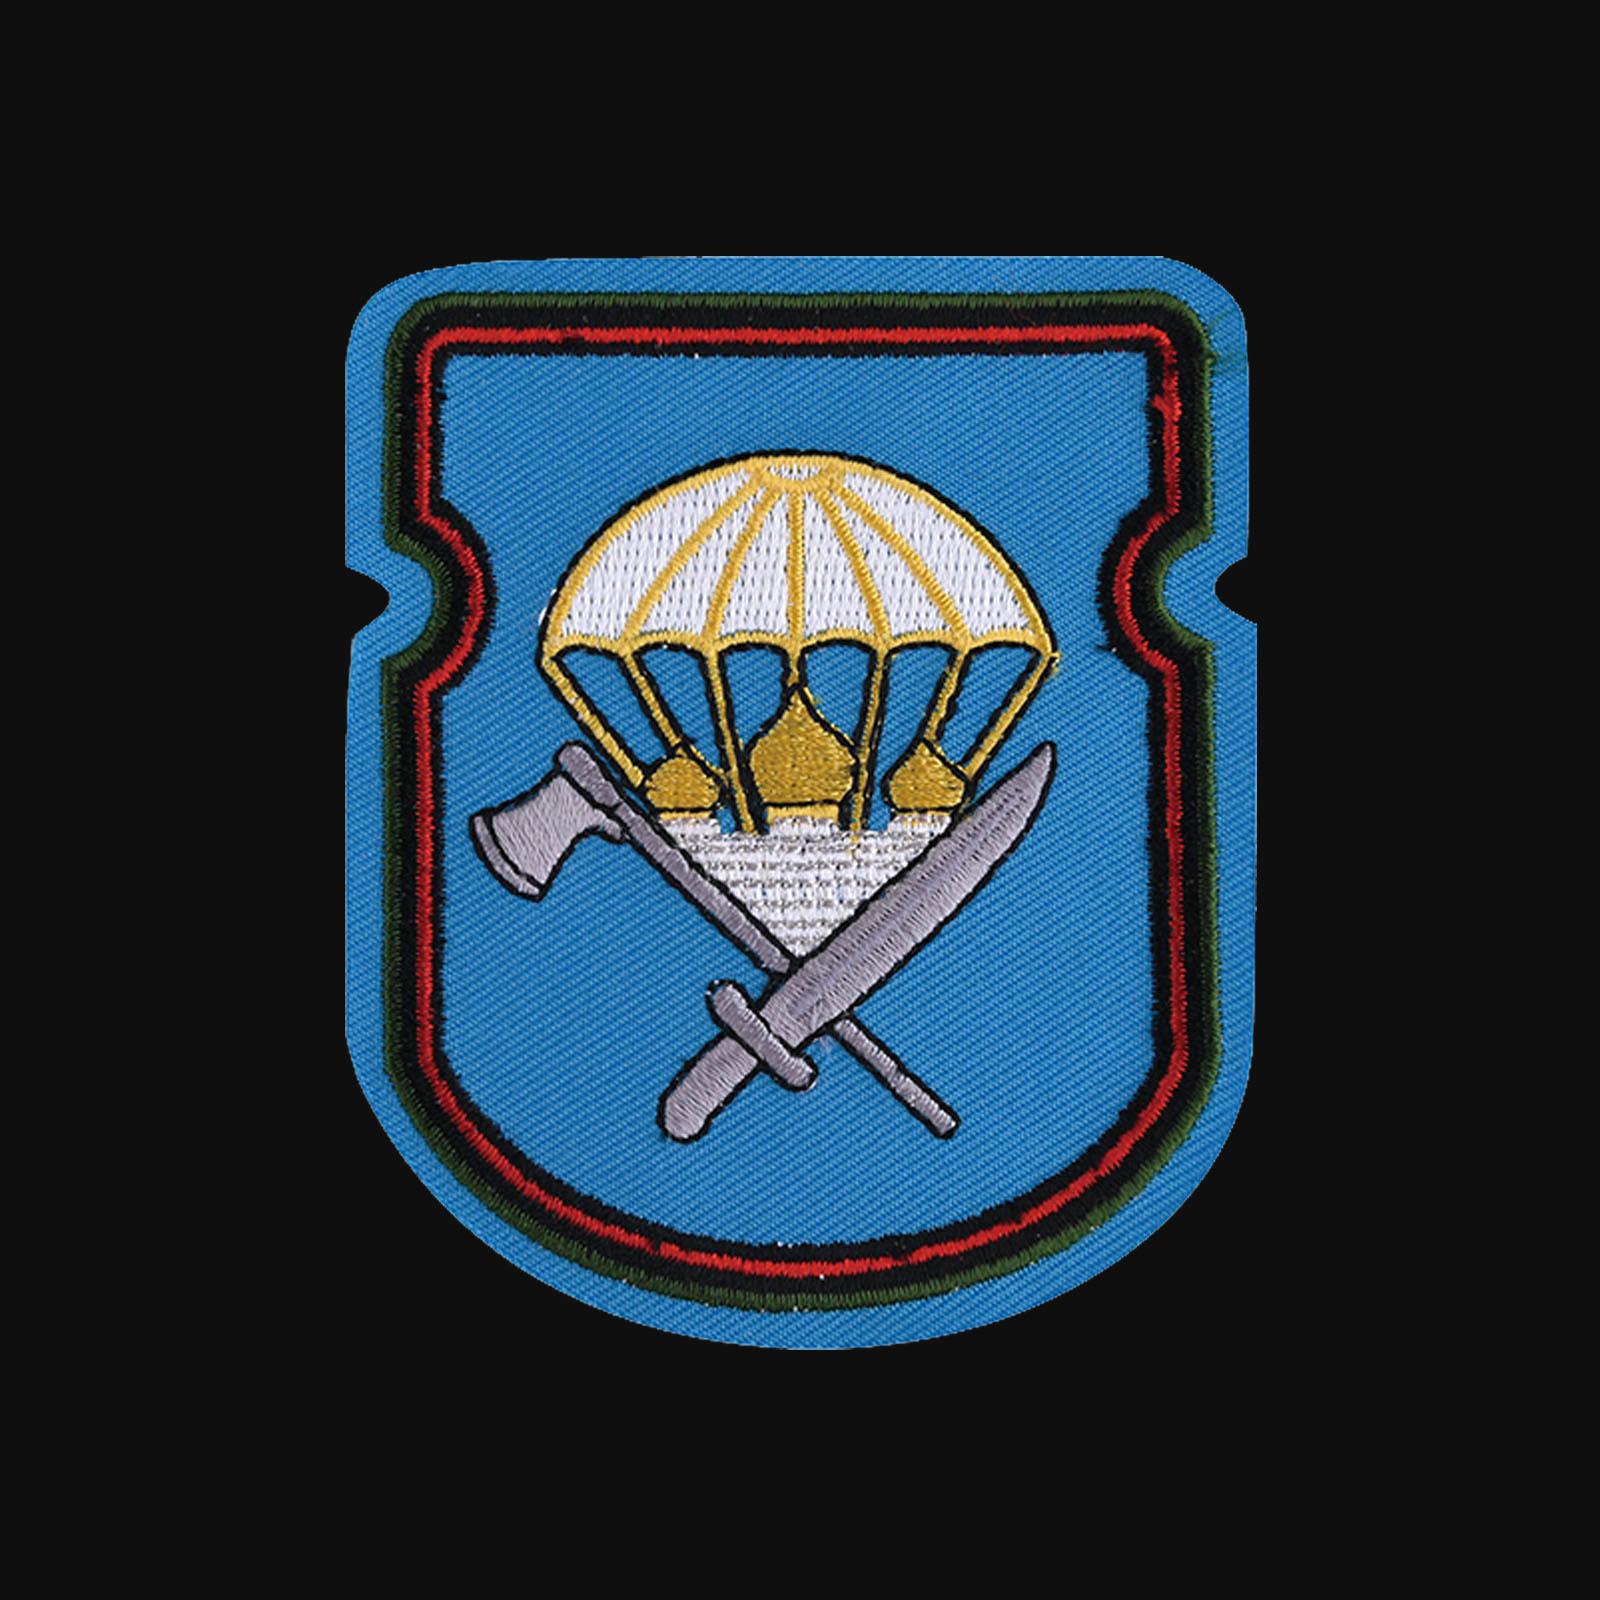 Толстовка ВДВ 388-й отдельный инженерно-сапёрный батальон 106-ой ВДД